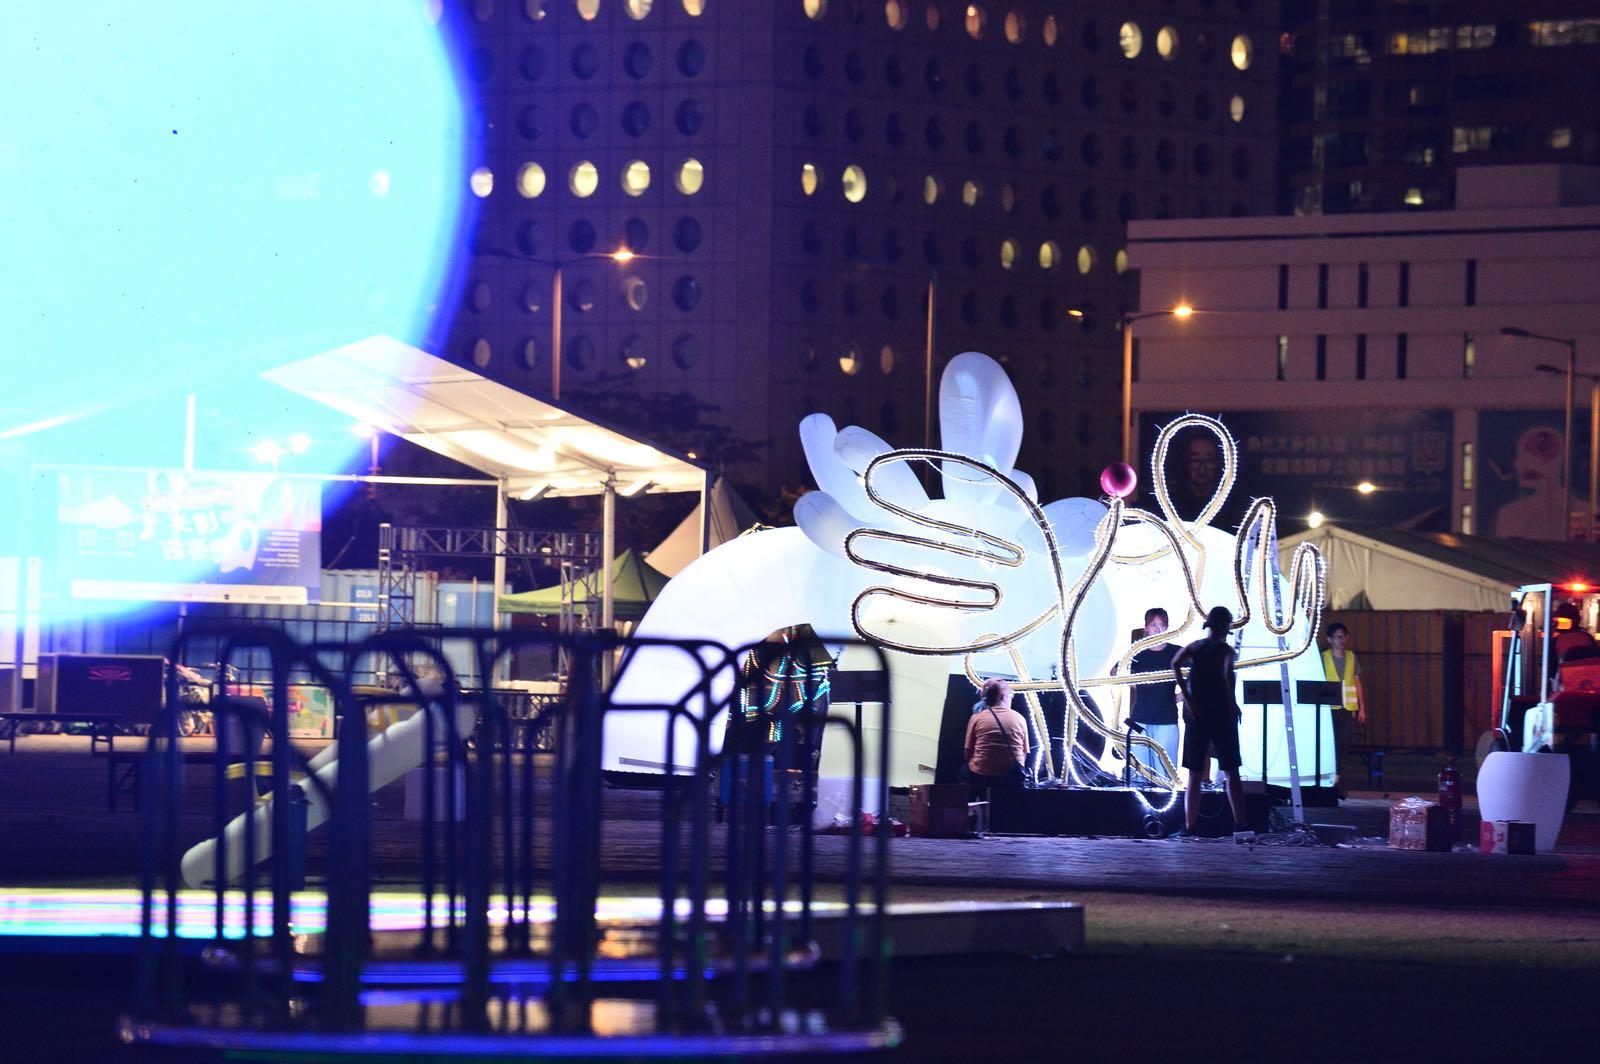 《光影遊樂園》本周五起在中環海濱活動空間舉行